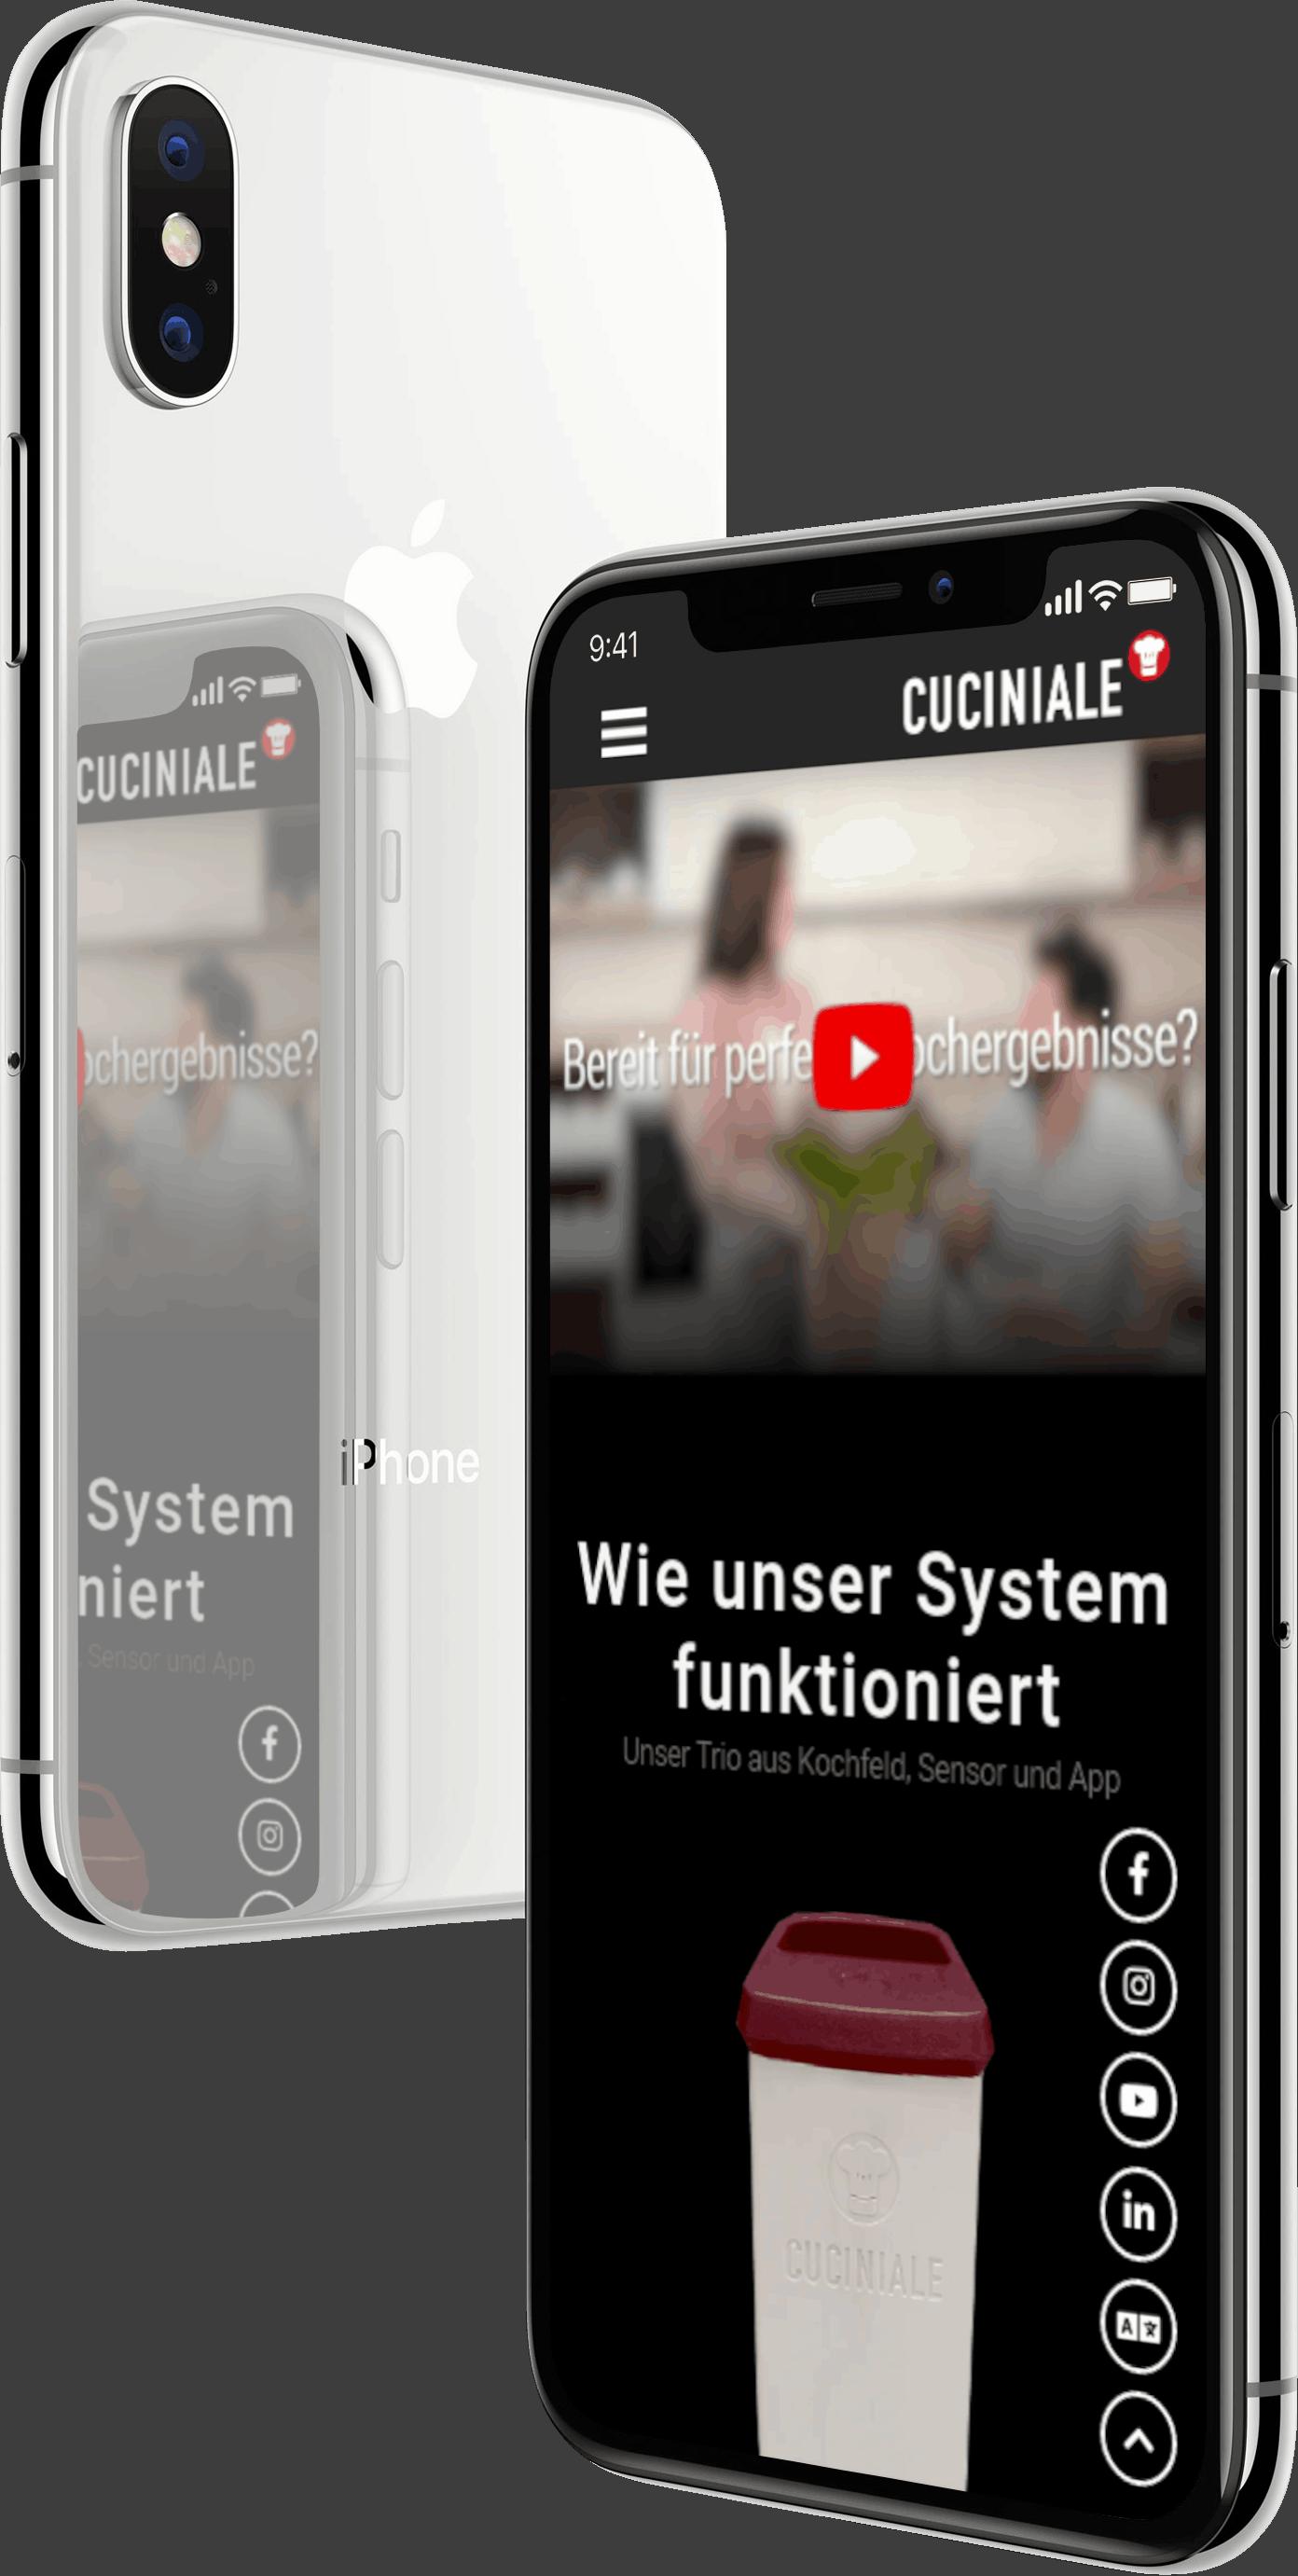 chooomedia-cuciniale-mockup_iphoneX